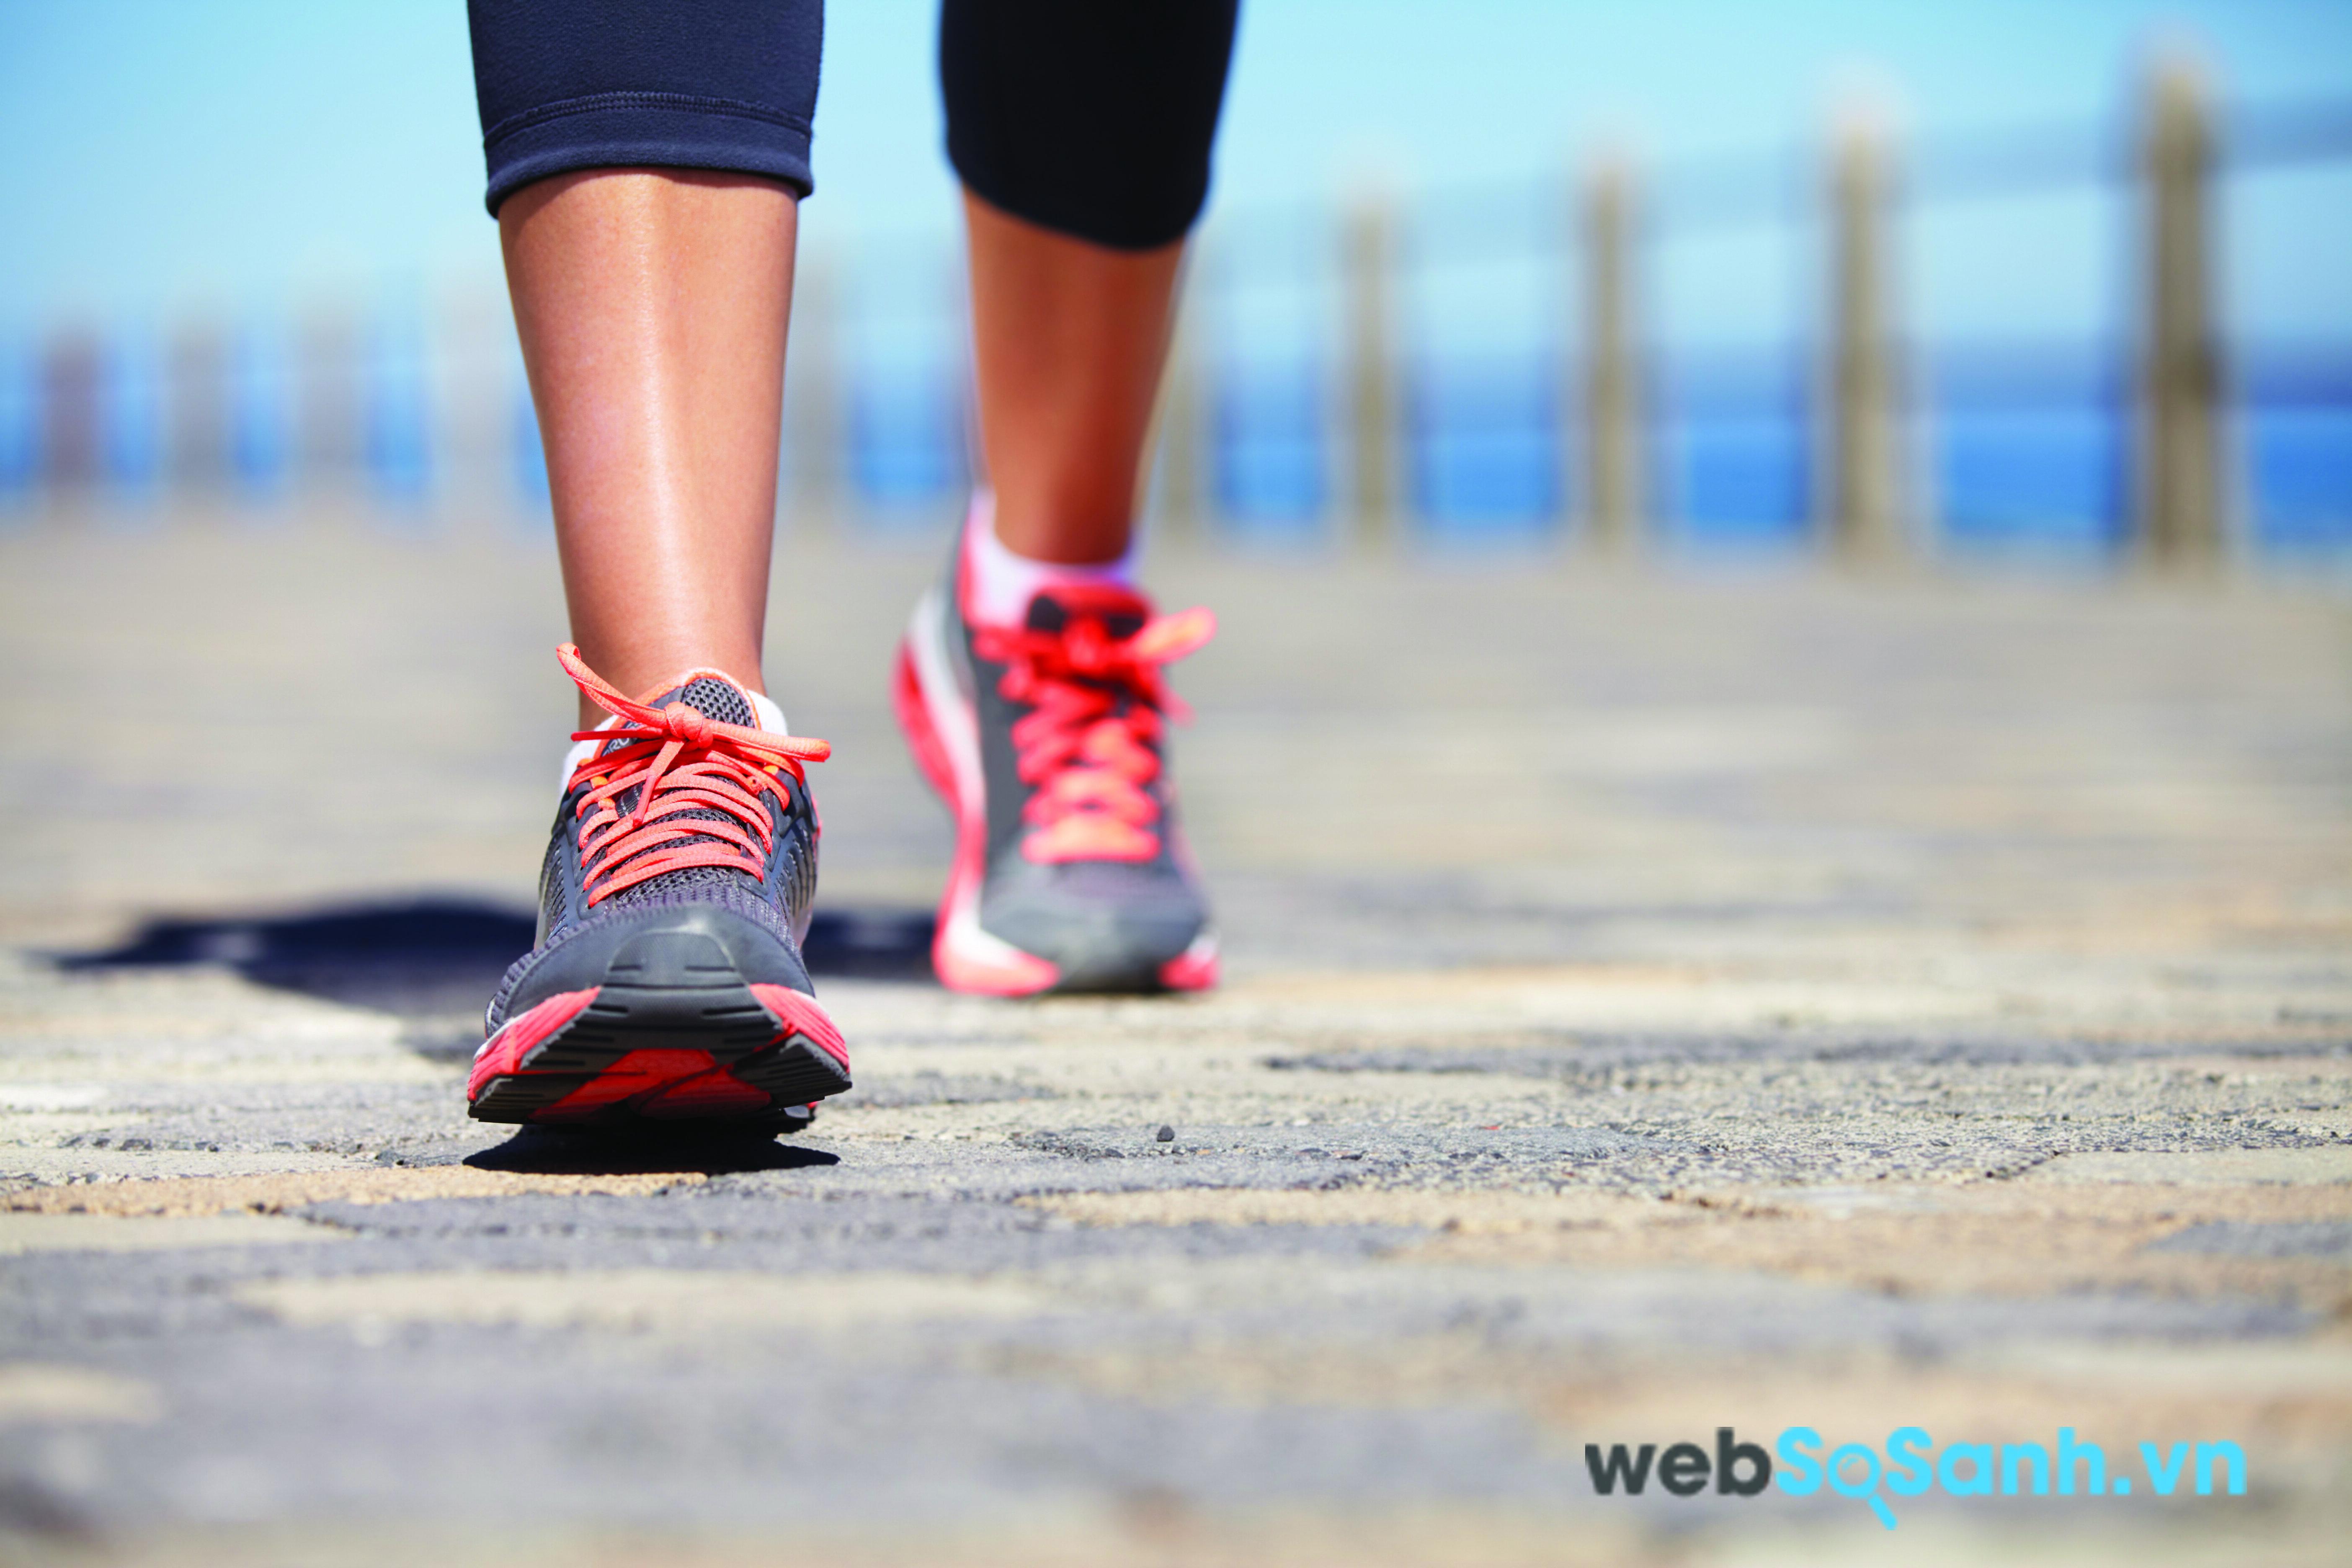 Đi bộ đúng cách sẽ giúp làm giảm huyết áp